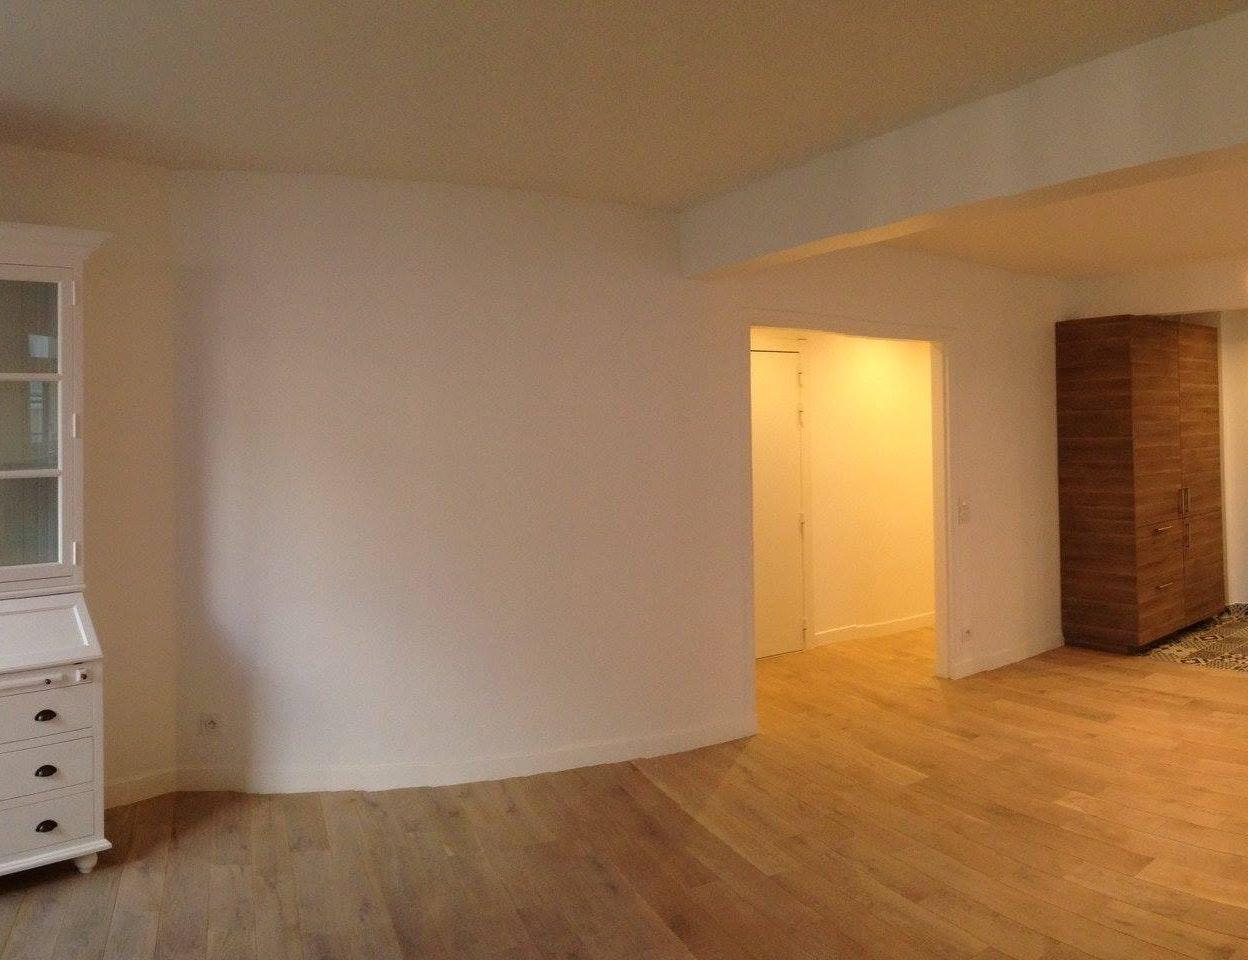 photo Rénovation totale d'un appartement parisien Optimiz Rénovation